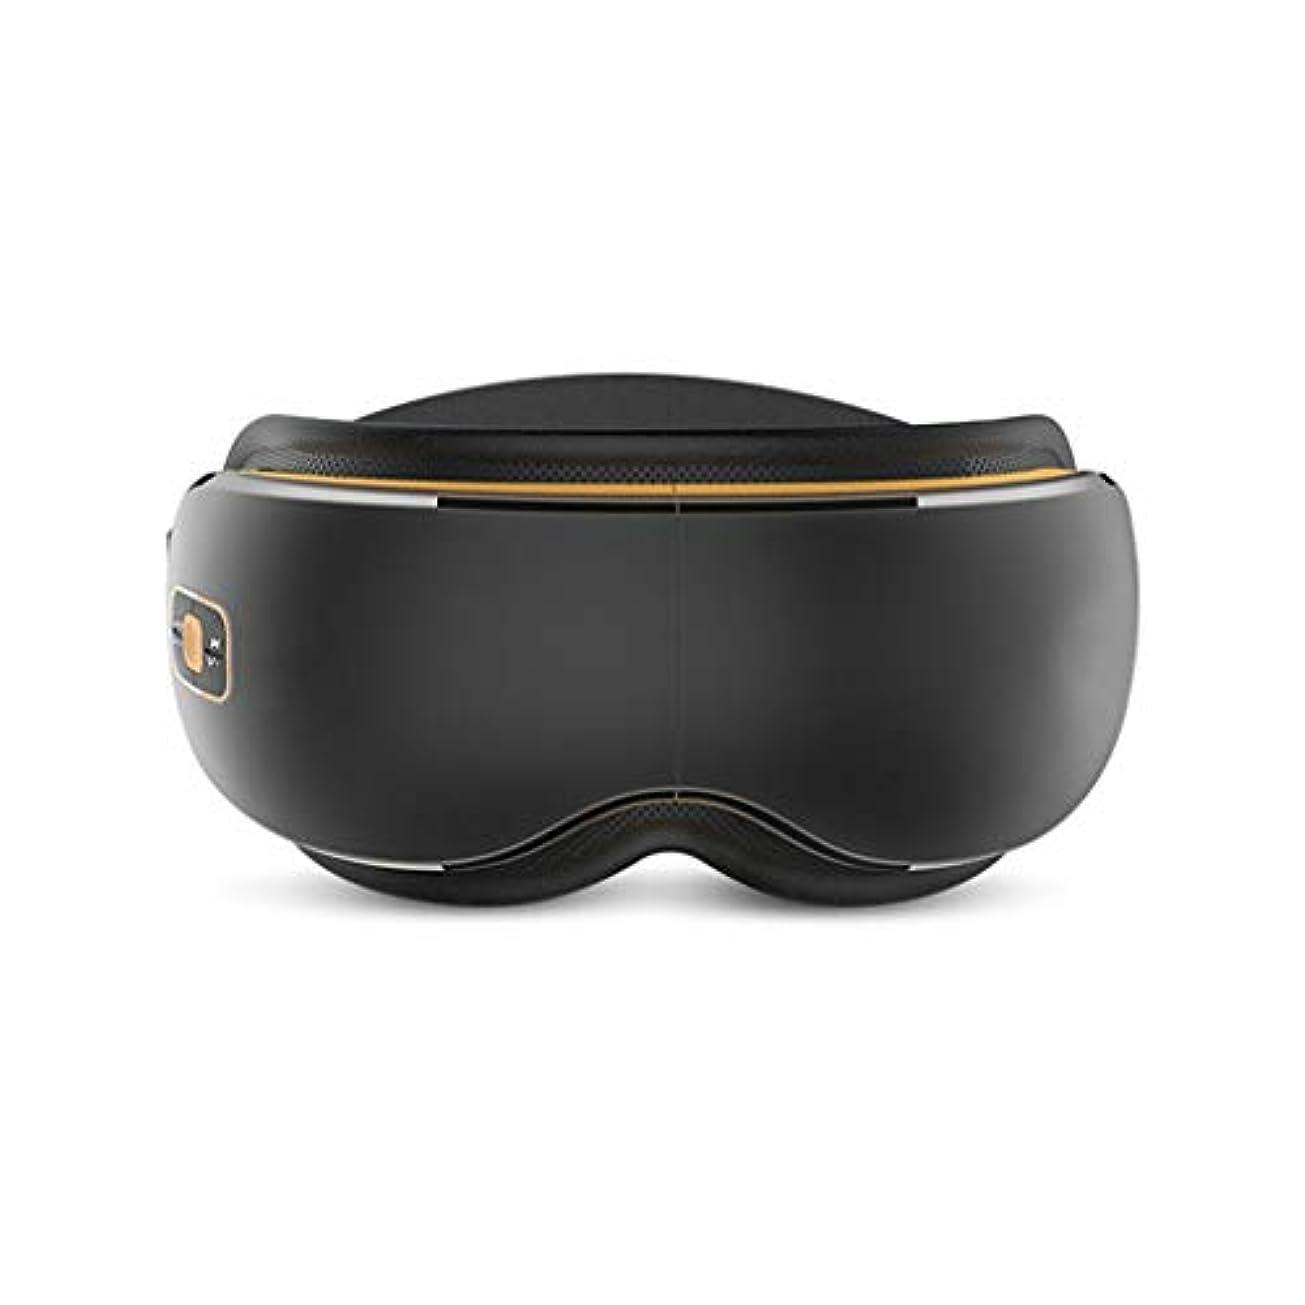 タイヤ松提供する電気アイマッサージャー振動マッサージ暖房/ラップ/音楽/空気圧縮4つのモードで目をリラックスさせて暗い円を減らし、睡眠を改善するためのヘッドプレッシャーを緩和